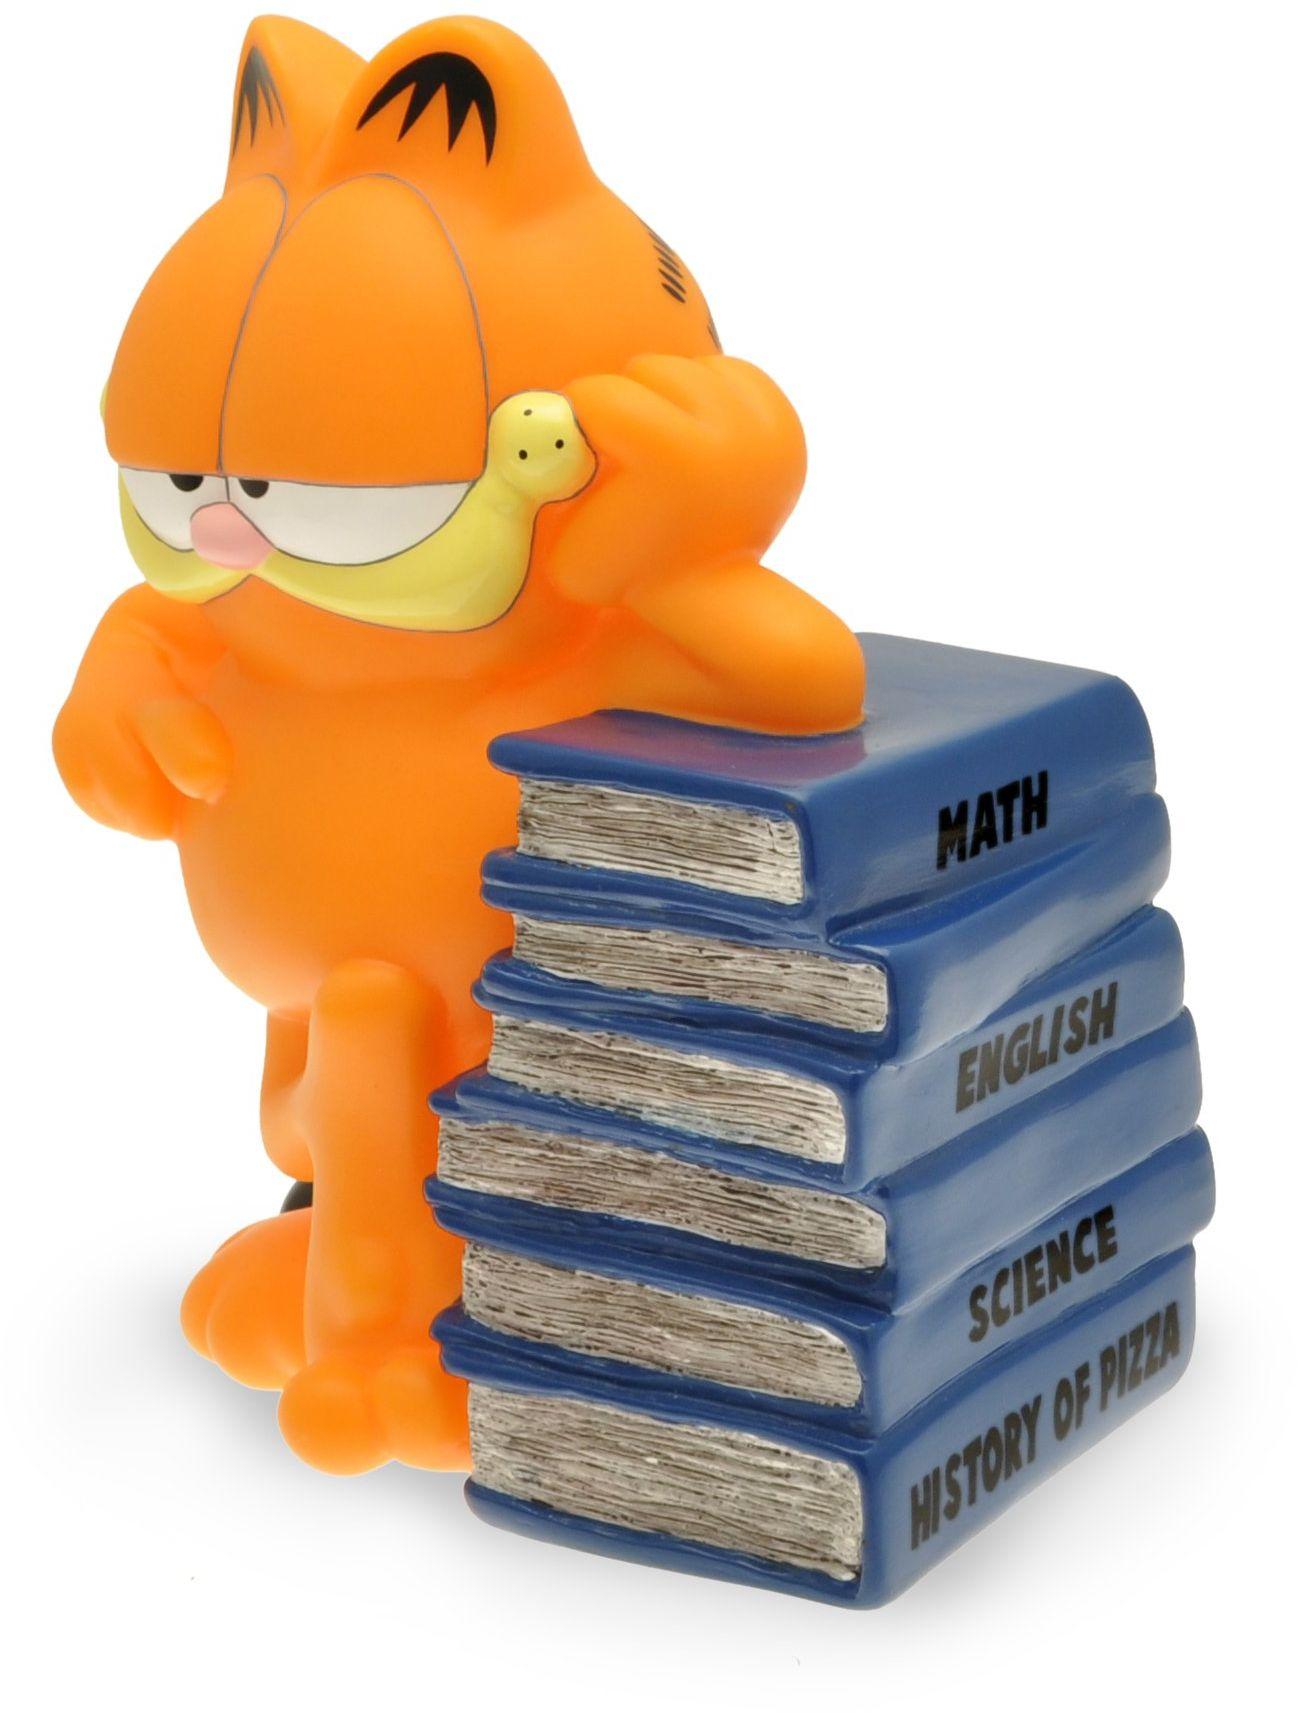 Plastoy SAS 80050 - Garfield: Duża świnka skarbonka Garfield opierająca się na stosie książek